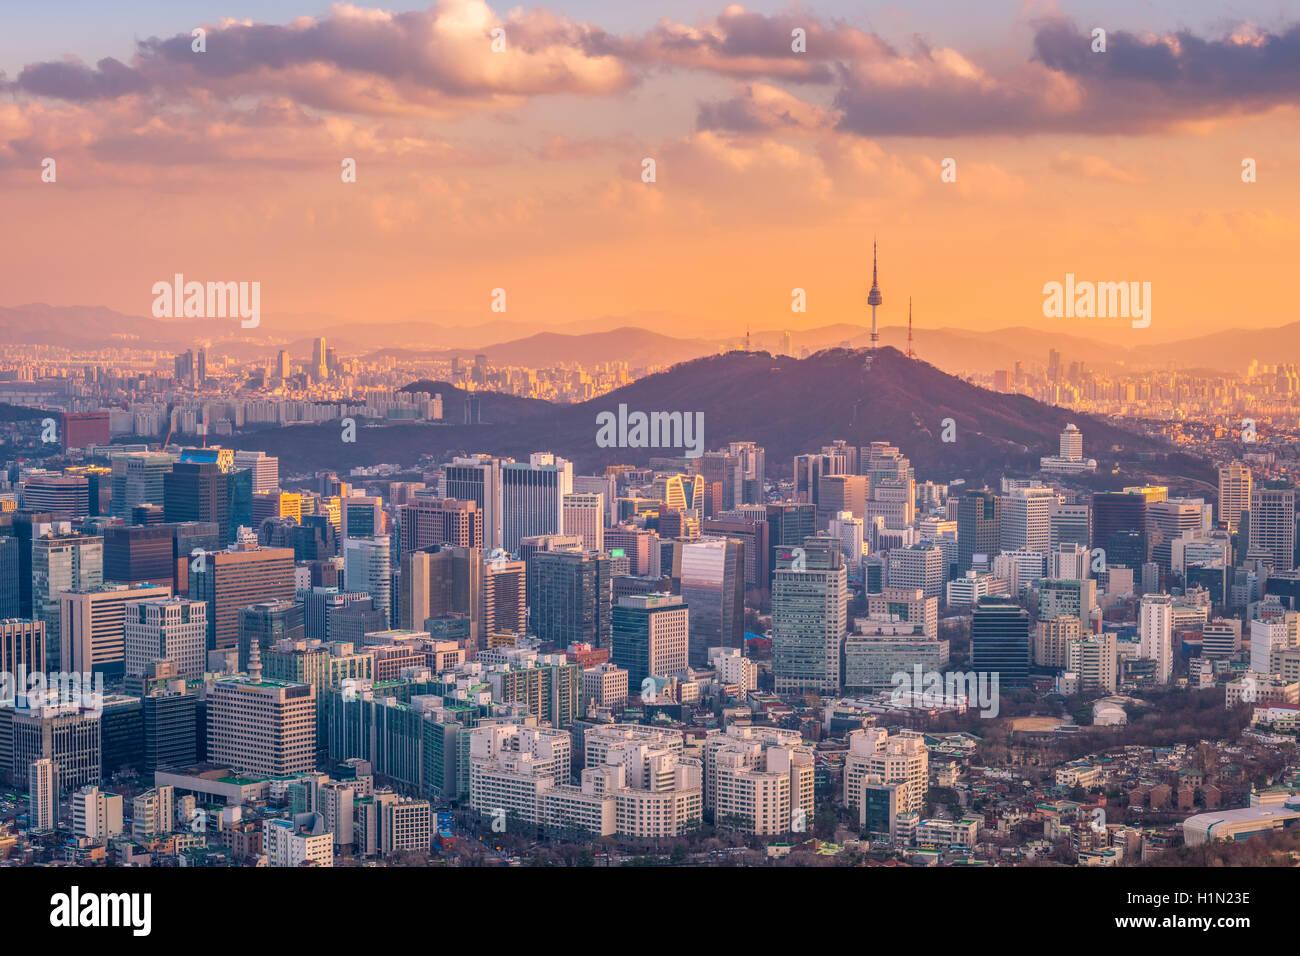 El horizonte de la ciudad de Seúl, Corea del Sur Imagen De Stock